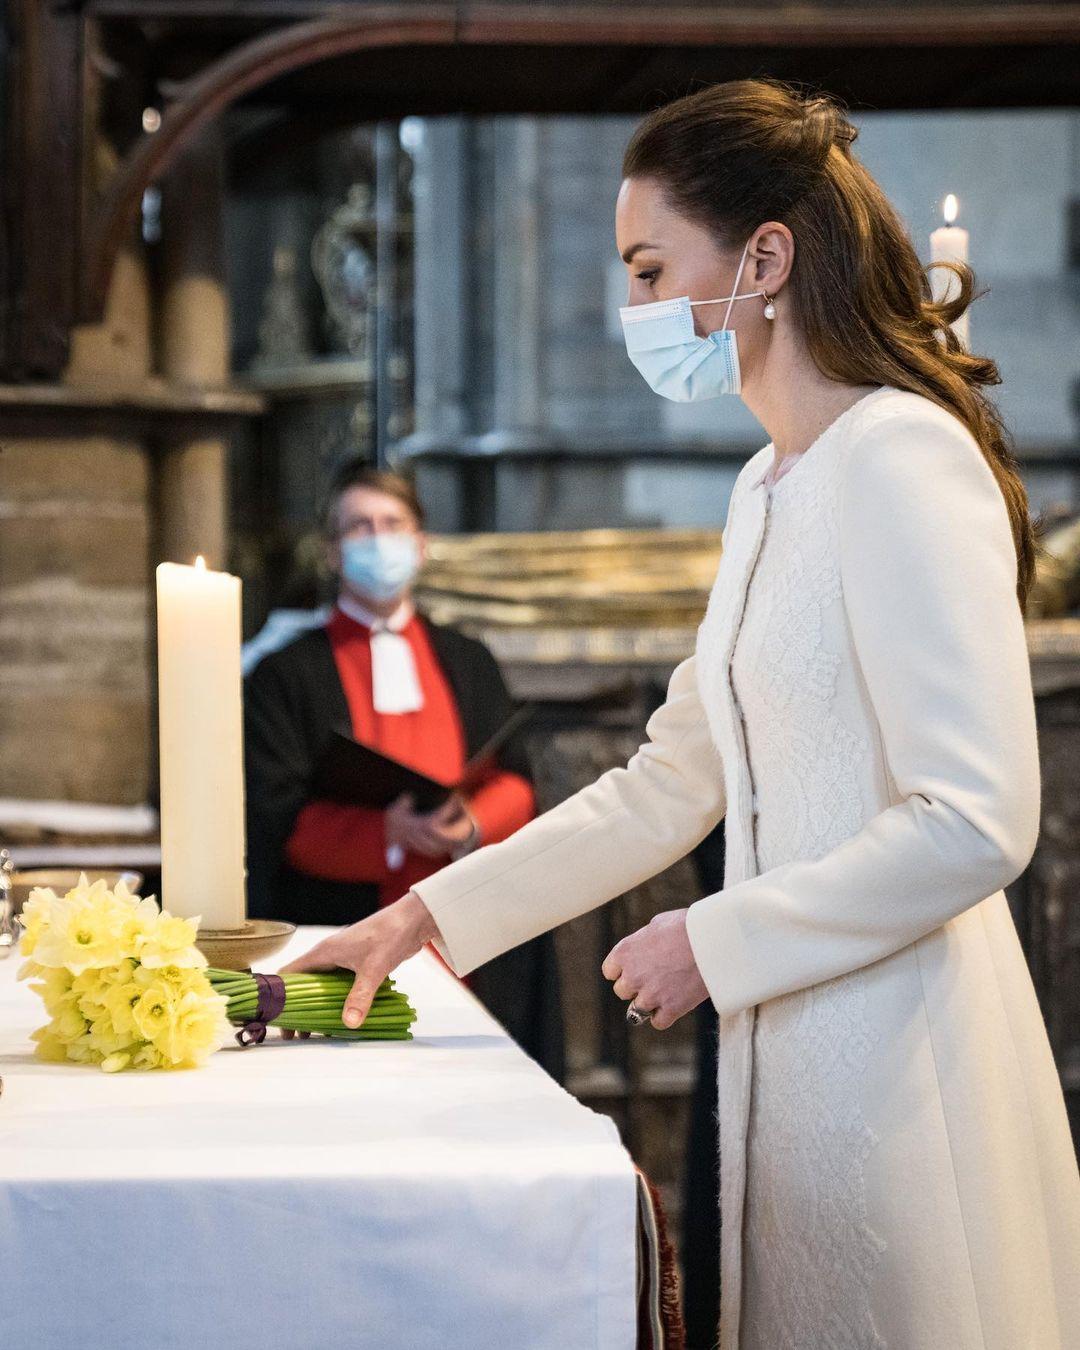 كيت ميدلتون بمعطف من تصميم كاثرين والكر تضع باقة زهور نرجس تكريما لذكرى ضحايا كورونا-الصورة من أنستغرام